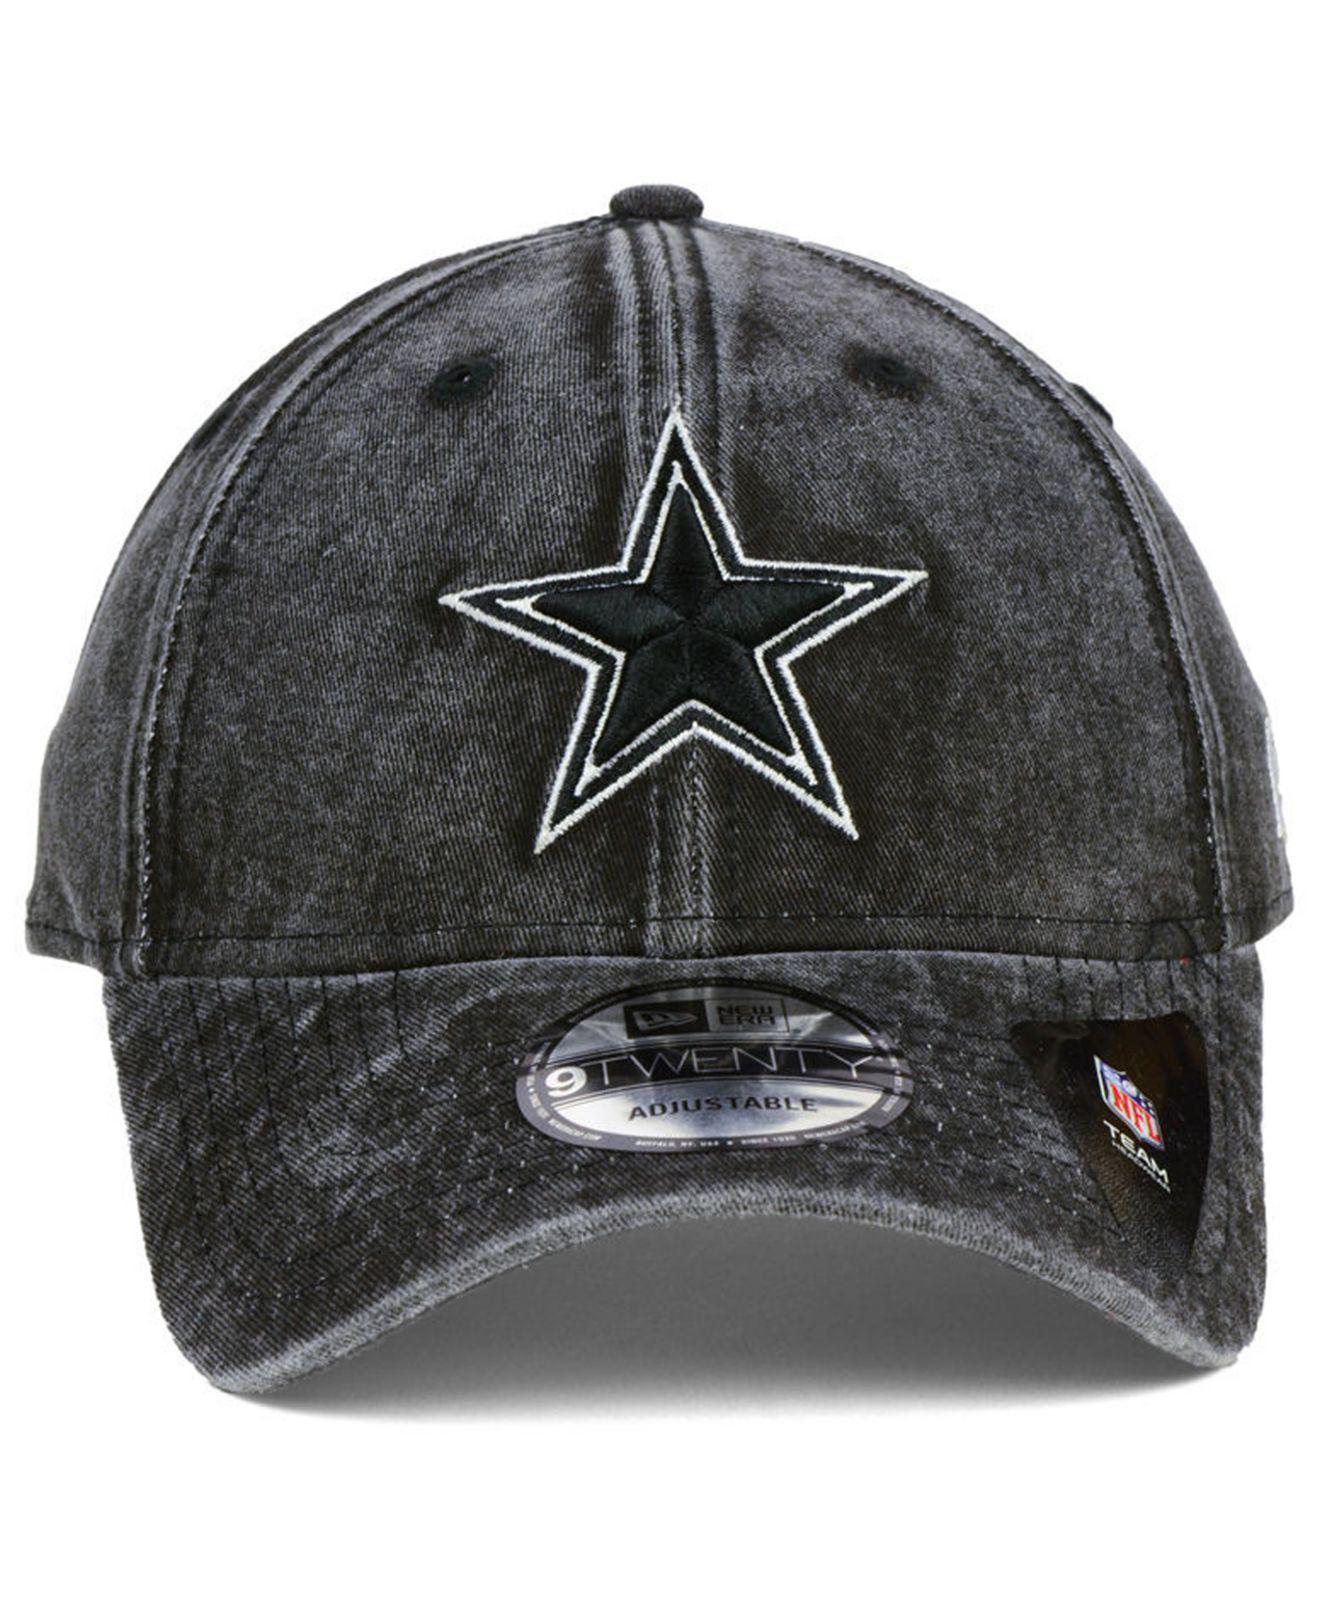 ... new 5b5c66 4ee63 62440  usa lyst ktz dallas cowboys nfl italian wash  9twenty cap in black for men 64825 54b41 af7ee993a